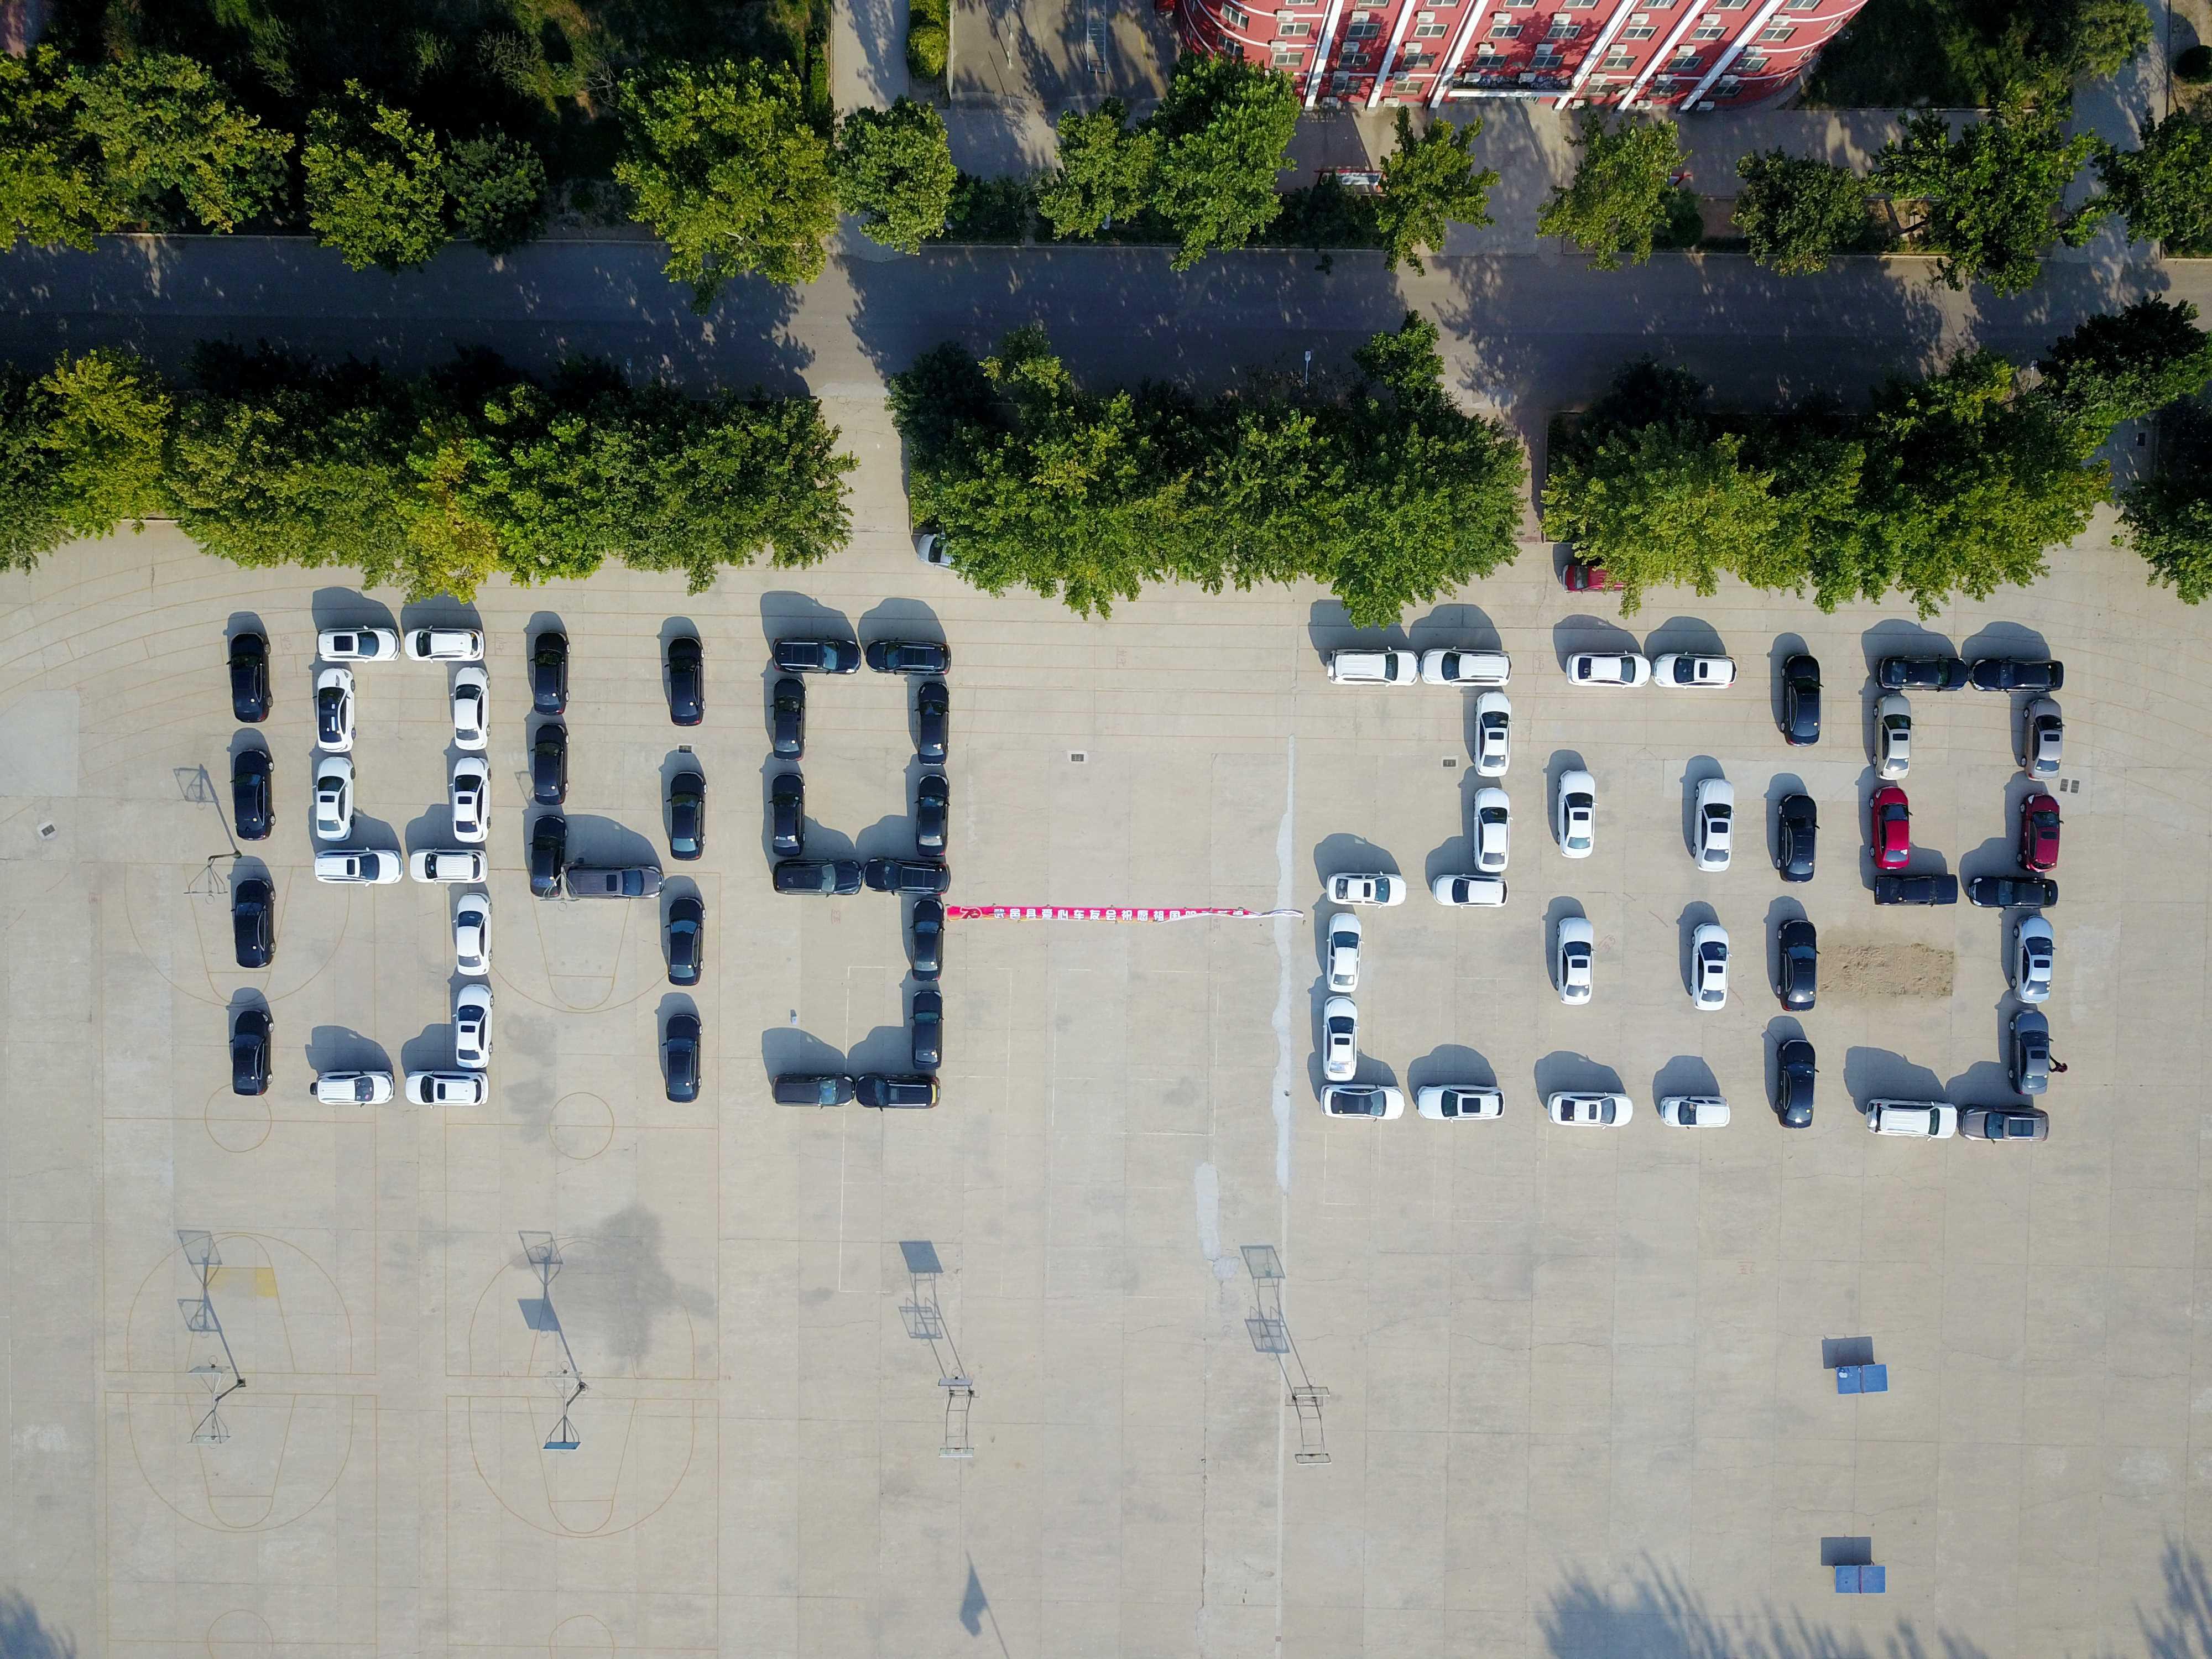 2019年9月8日,武邑爱心车友会庆祝中华人民共和国成立70周年